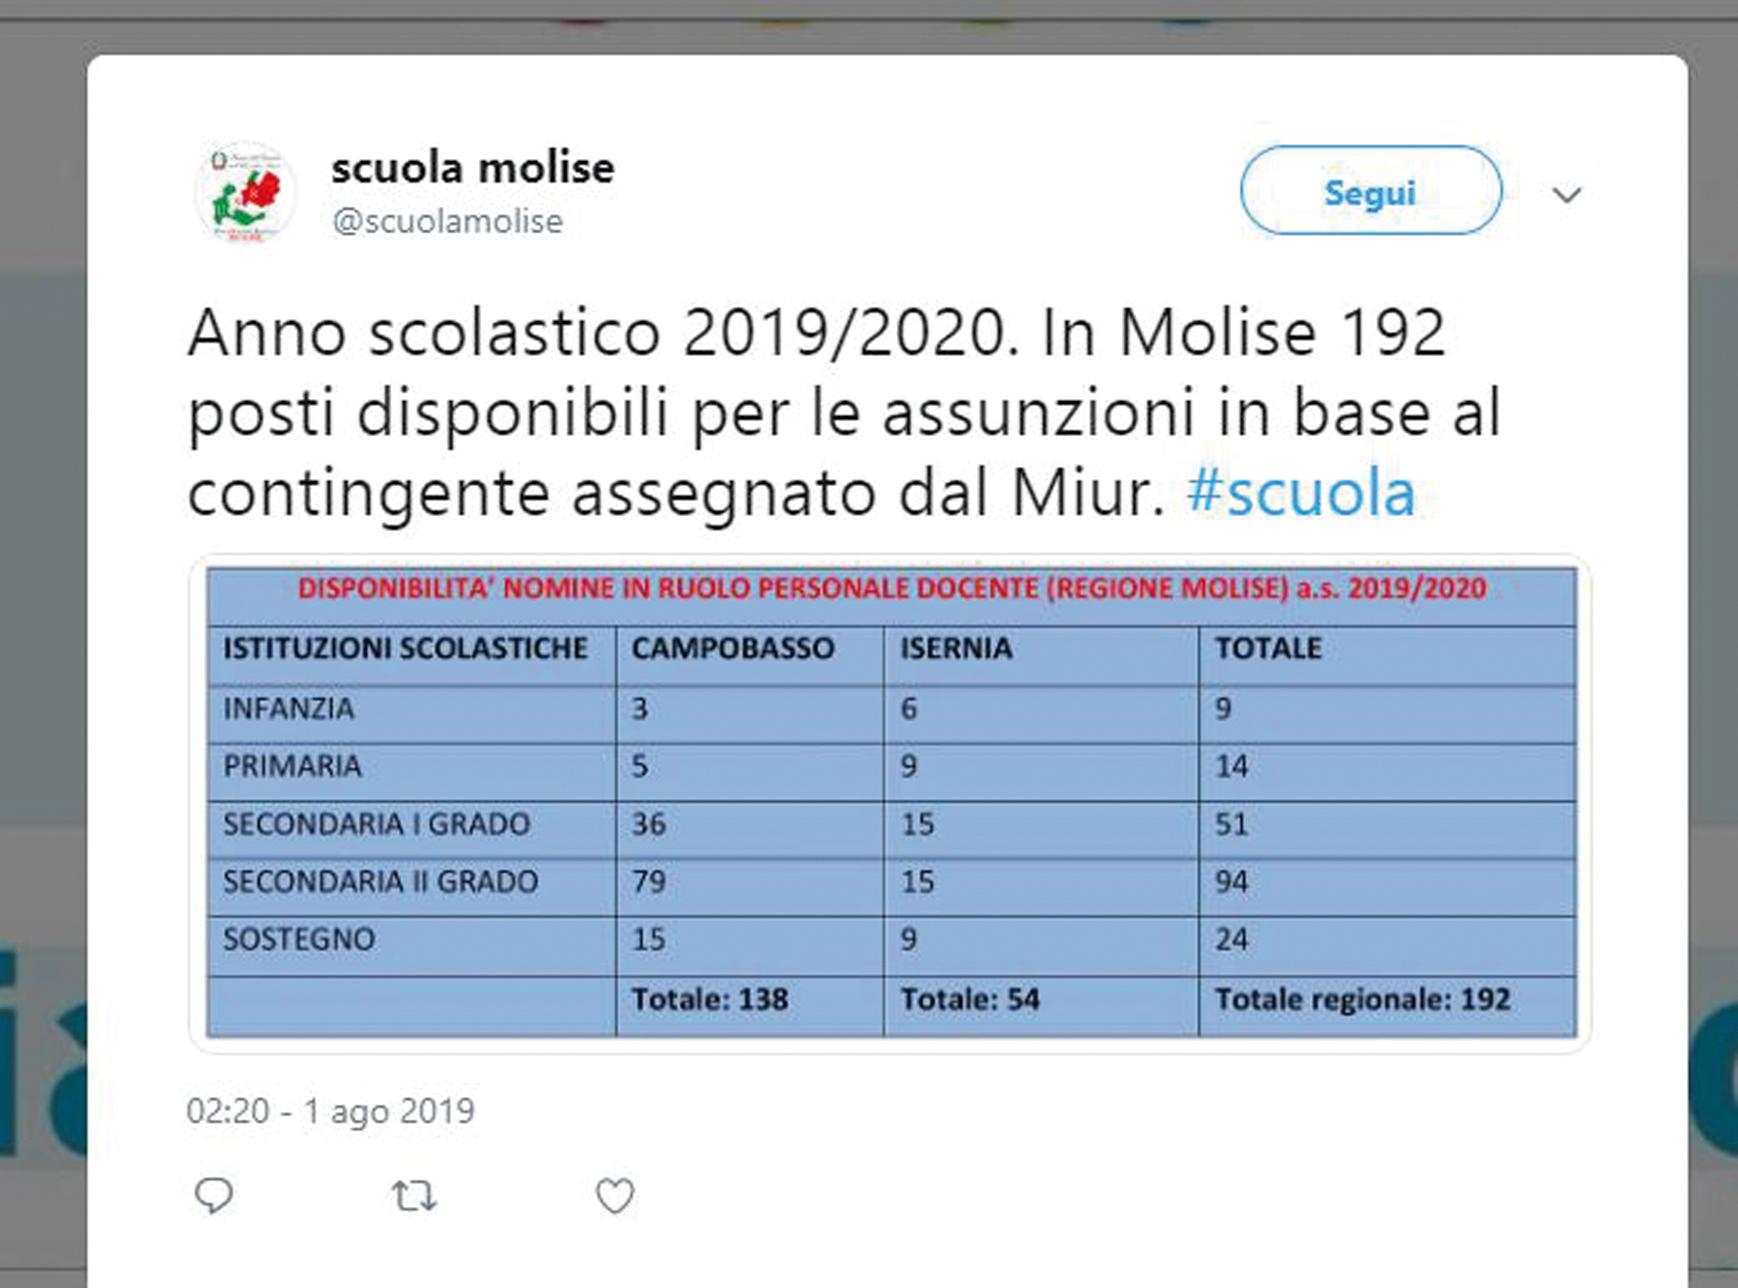 Calendario Scolastico Regione Molise.Scuola Partono Le Assunzioni In Molise Contratti Per 192